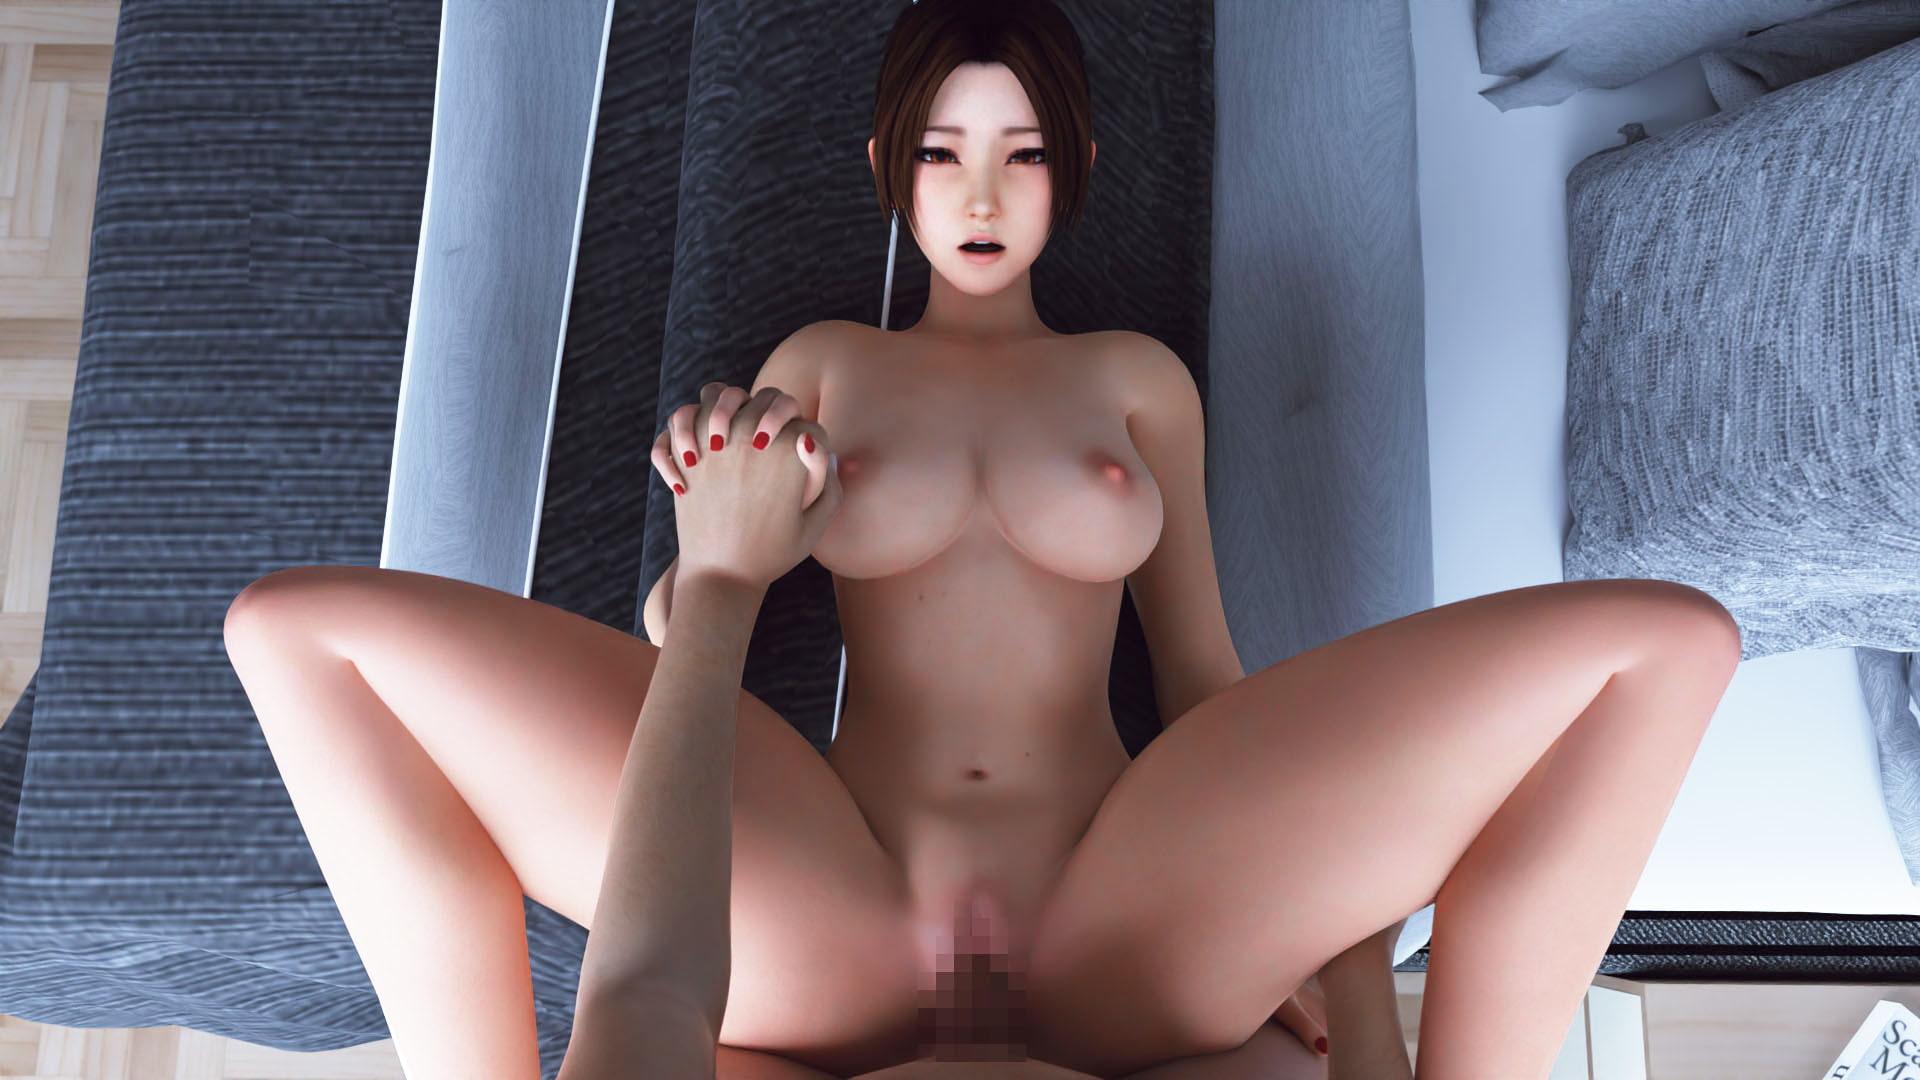 舞のセックスセラピー VR 2 (HentaiVR) DLsite提供:同人ゲーム – 動画